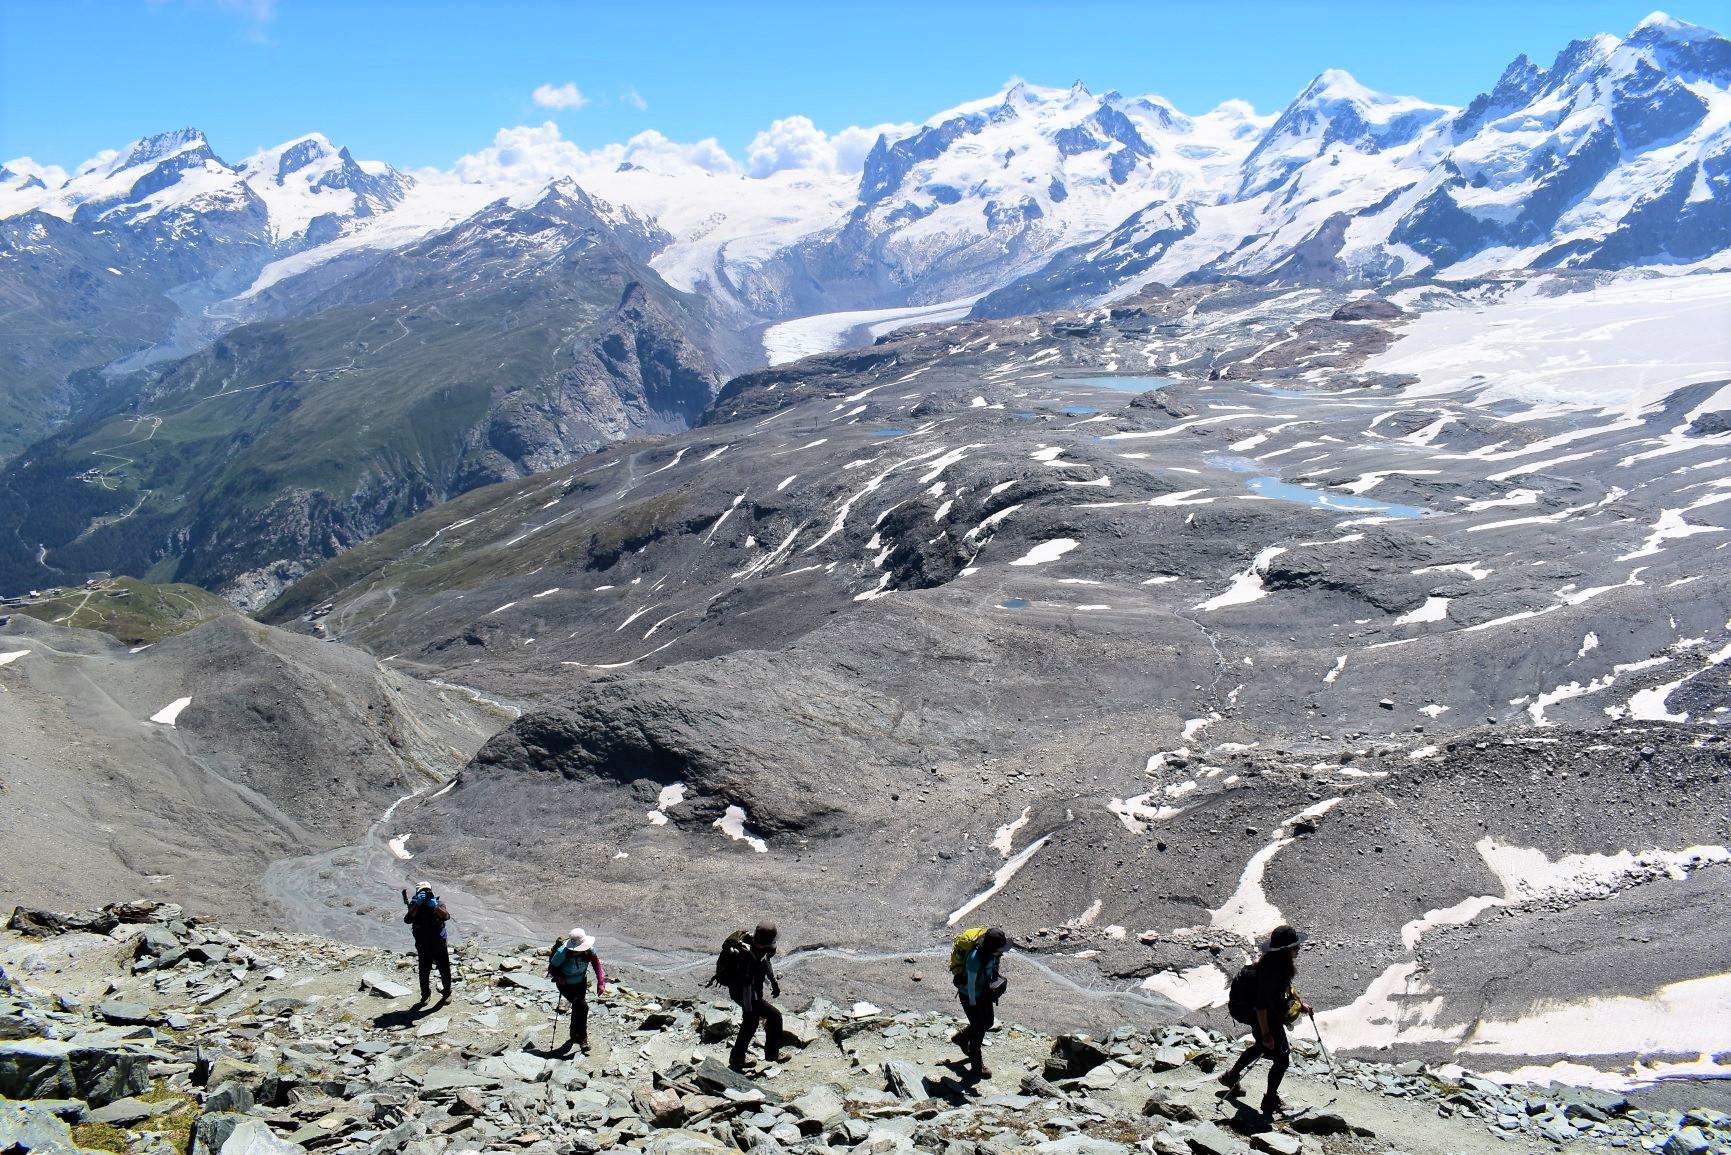 ヘルンリ小屋へ向かう最後のつづら折りの登り。背後はヴァリス山群の山並み(6日目)